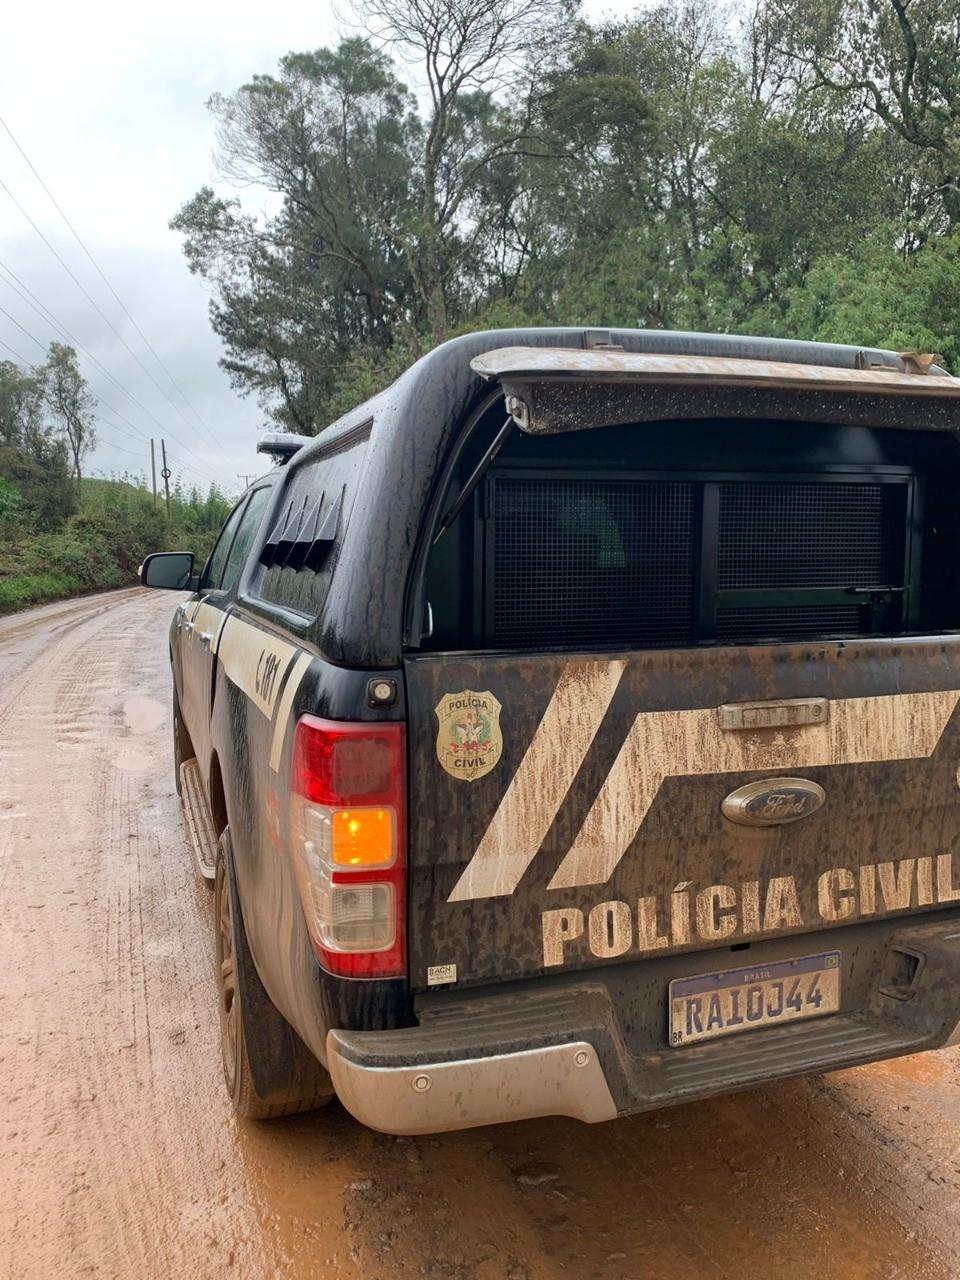 Suspeito de ter esfaqueado mulher encontrada morta em carro é preso em área de mata em SC